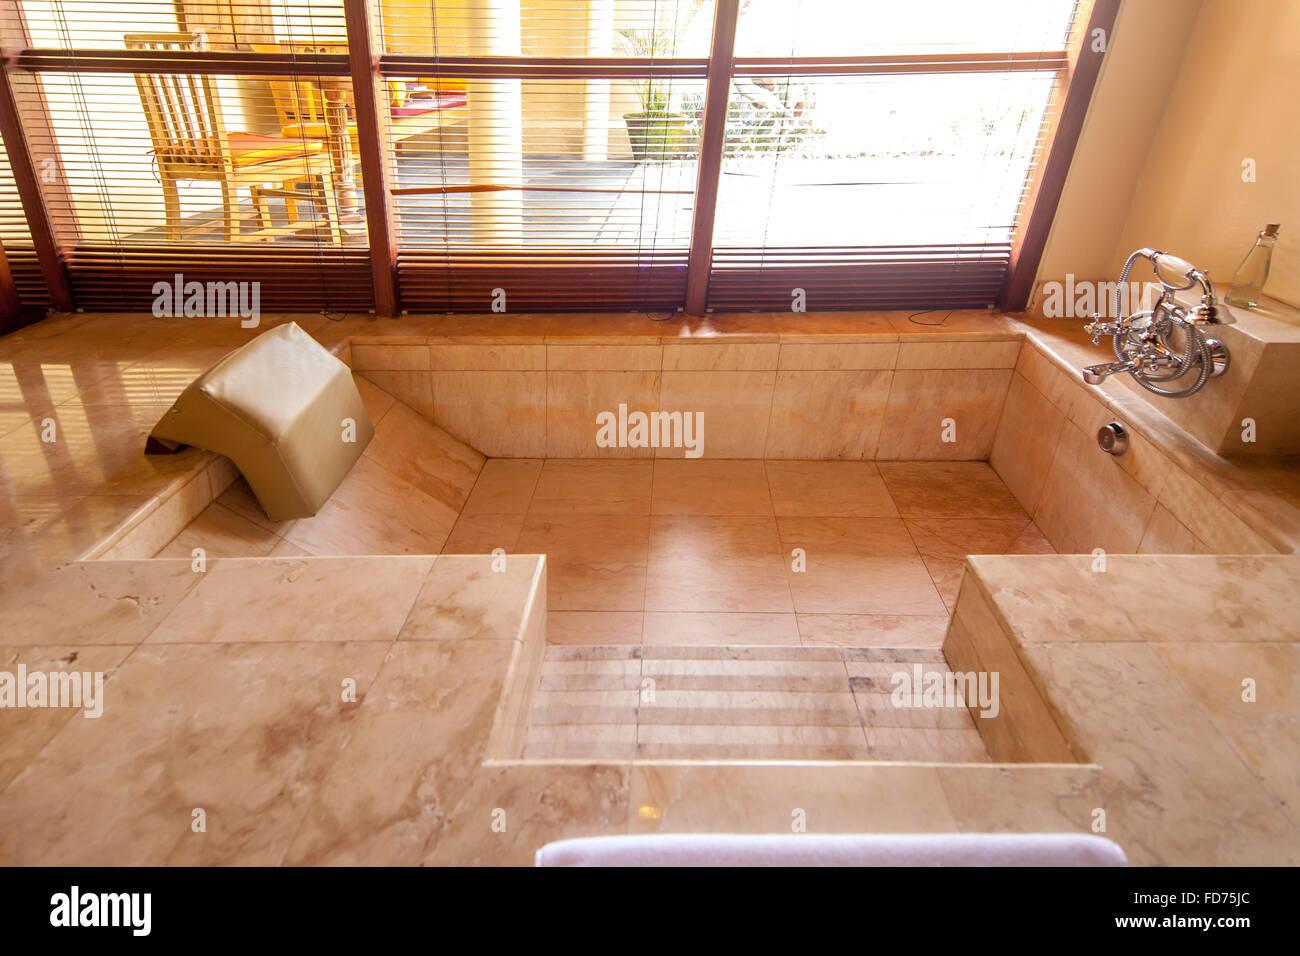 Vasca Da Bagno Incasso Nel Pavimento : Vasca da bagno incassata pavimento bagno sala da bagno in un